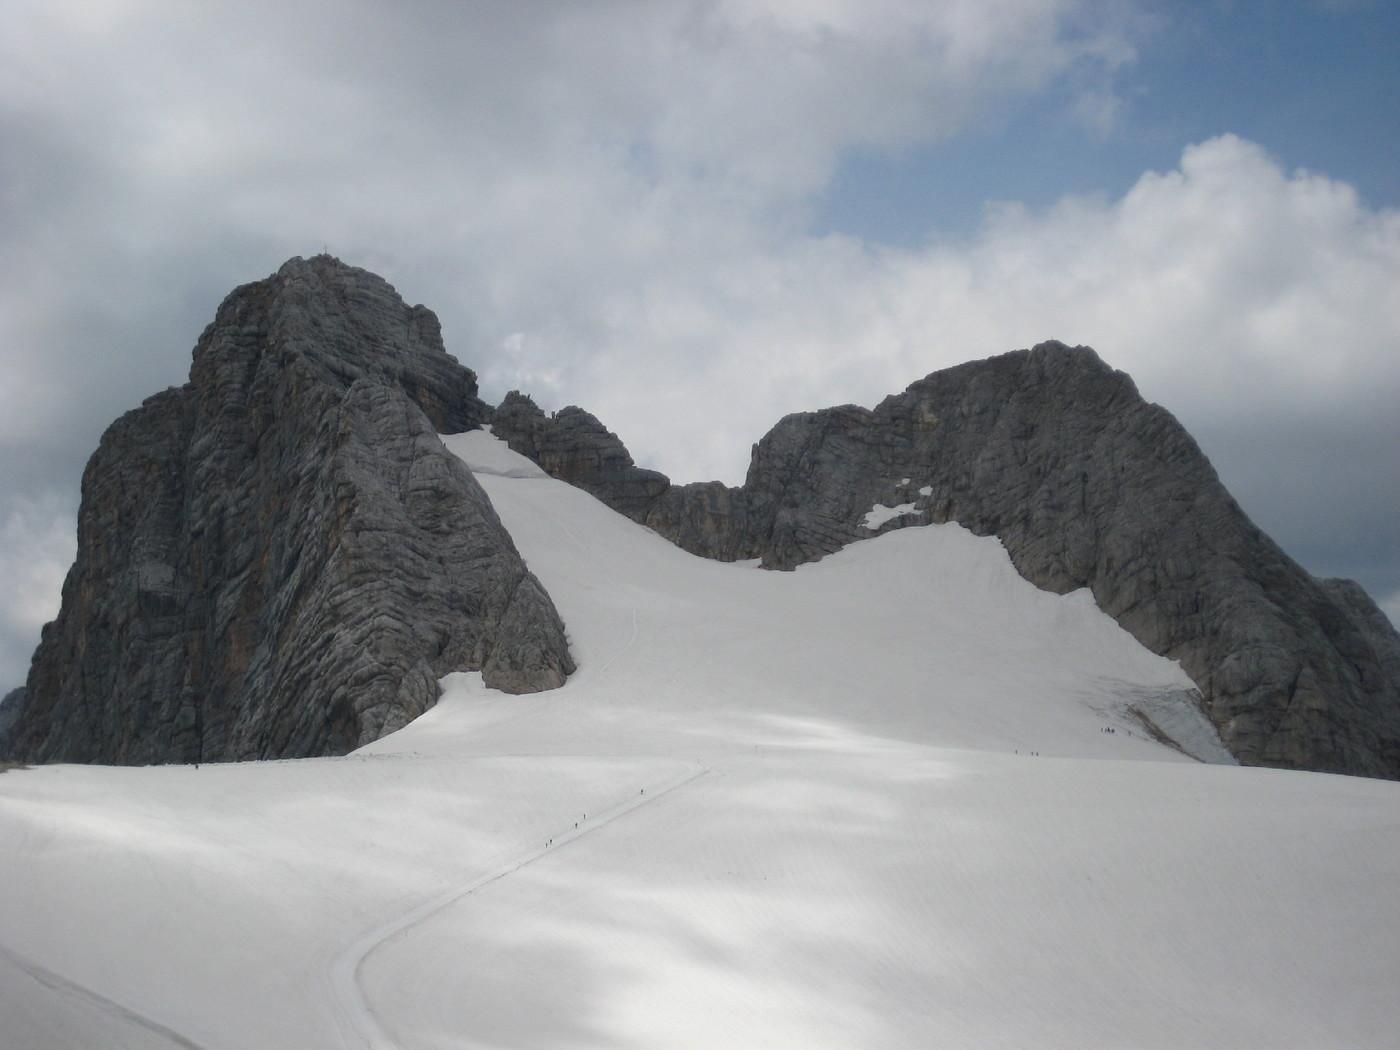 Klettersteig Johann Dachstein : Schulteranstieg hoher dachstein klettersteig gbl